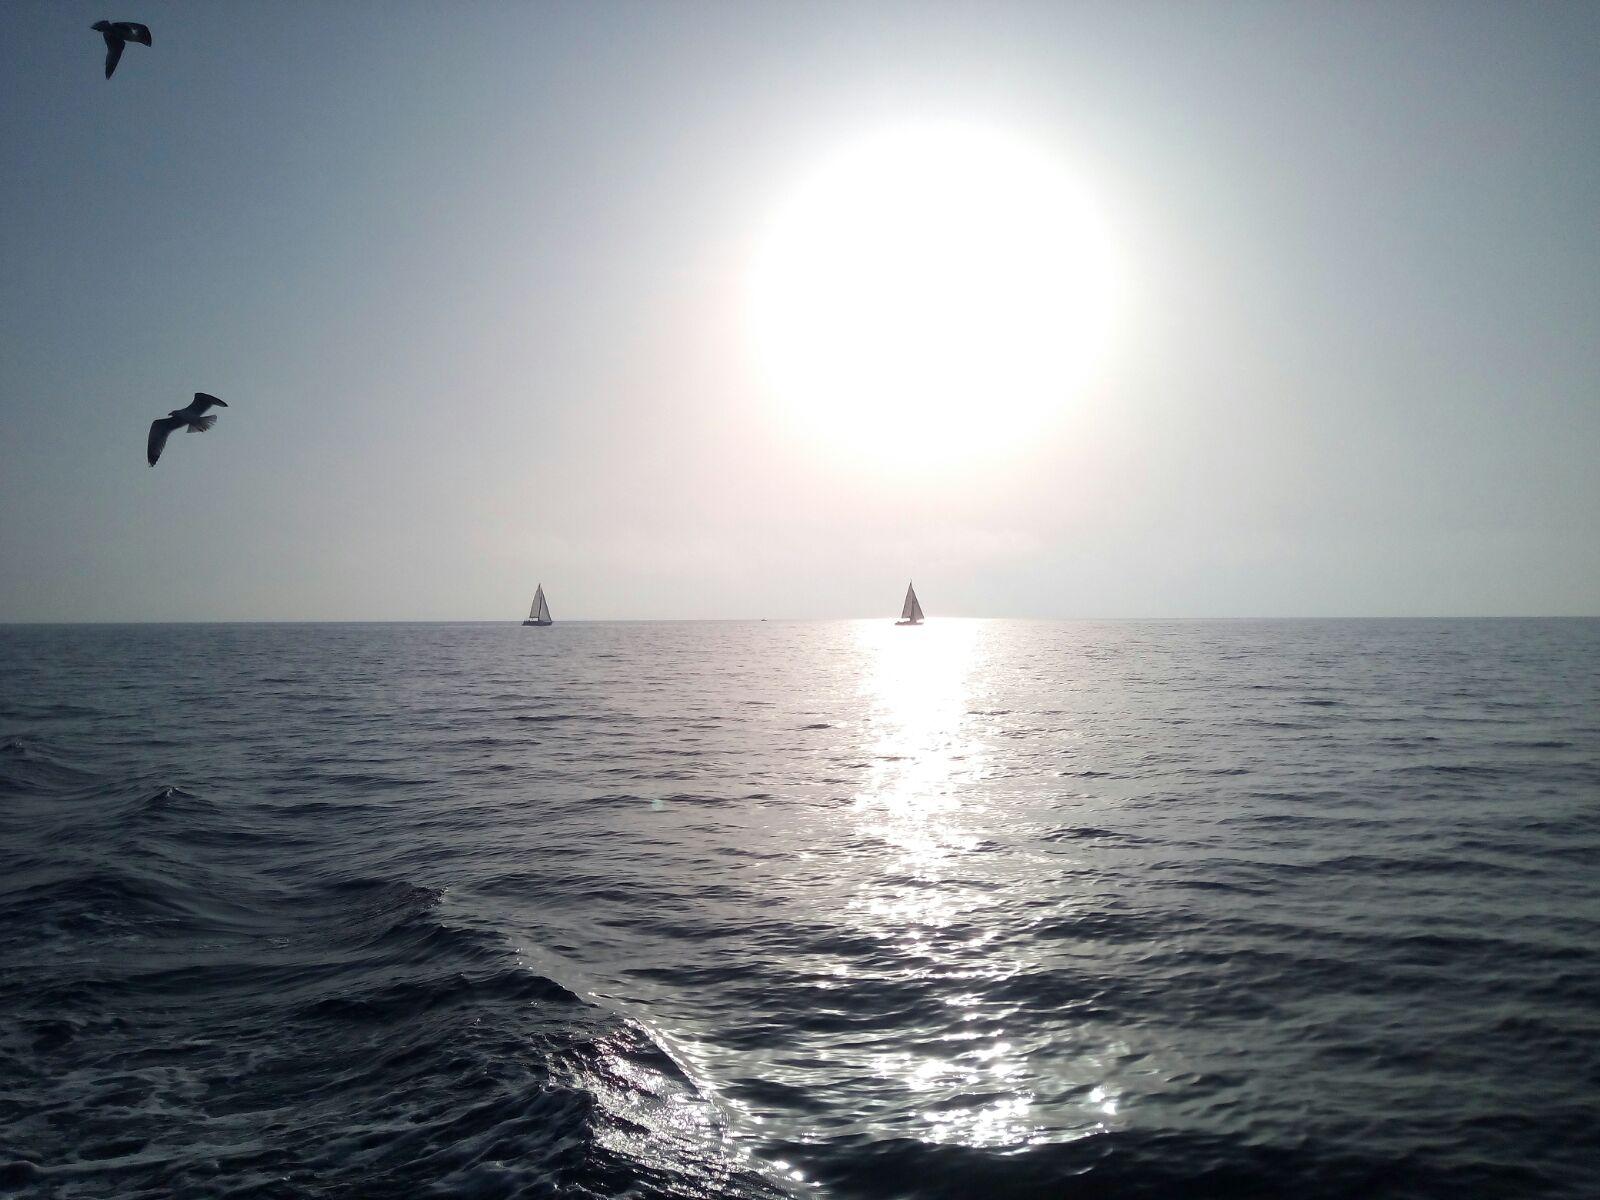 12 Il mare-a-fine.giornata: gabbiani barche a vela con sole al tramonto